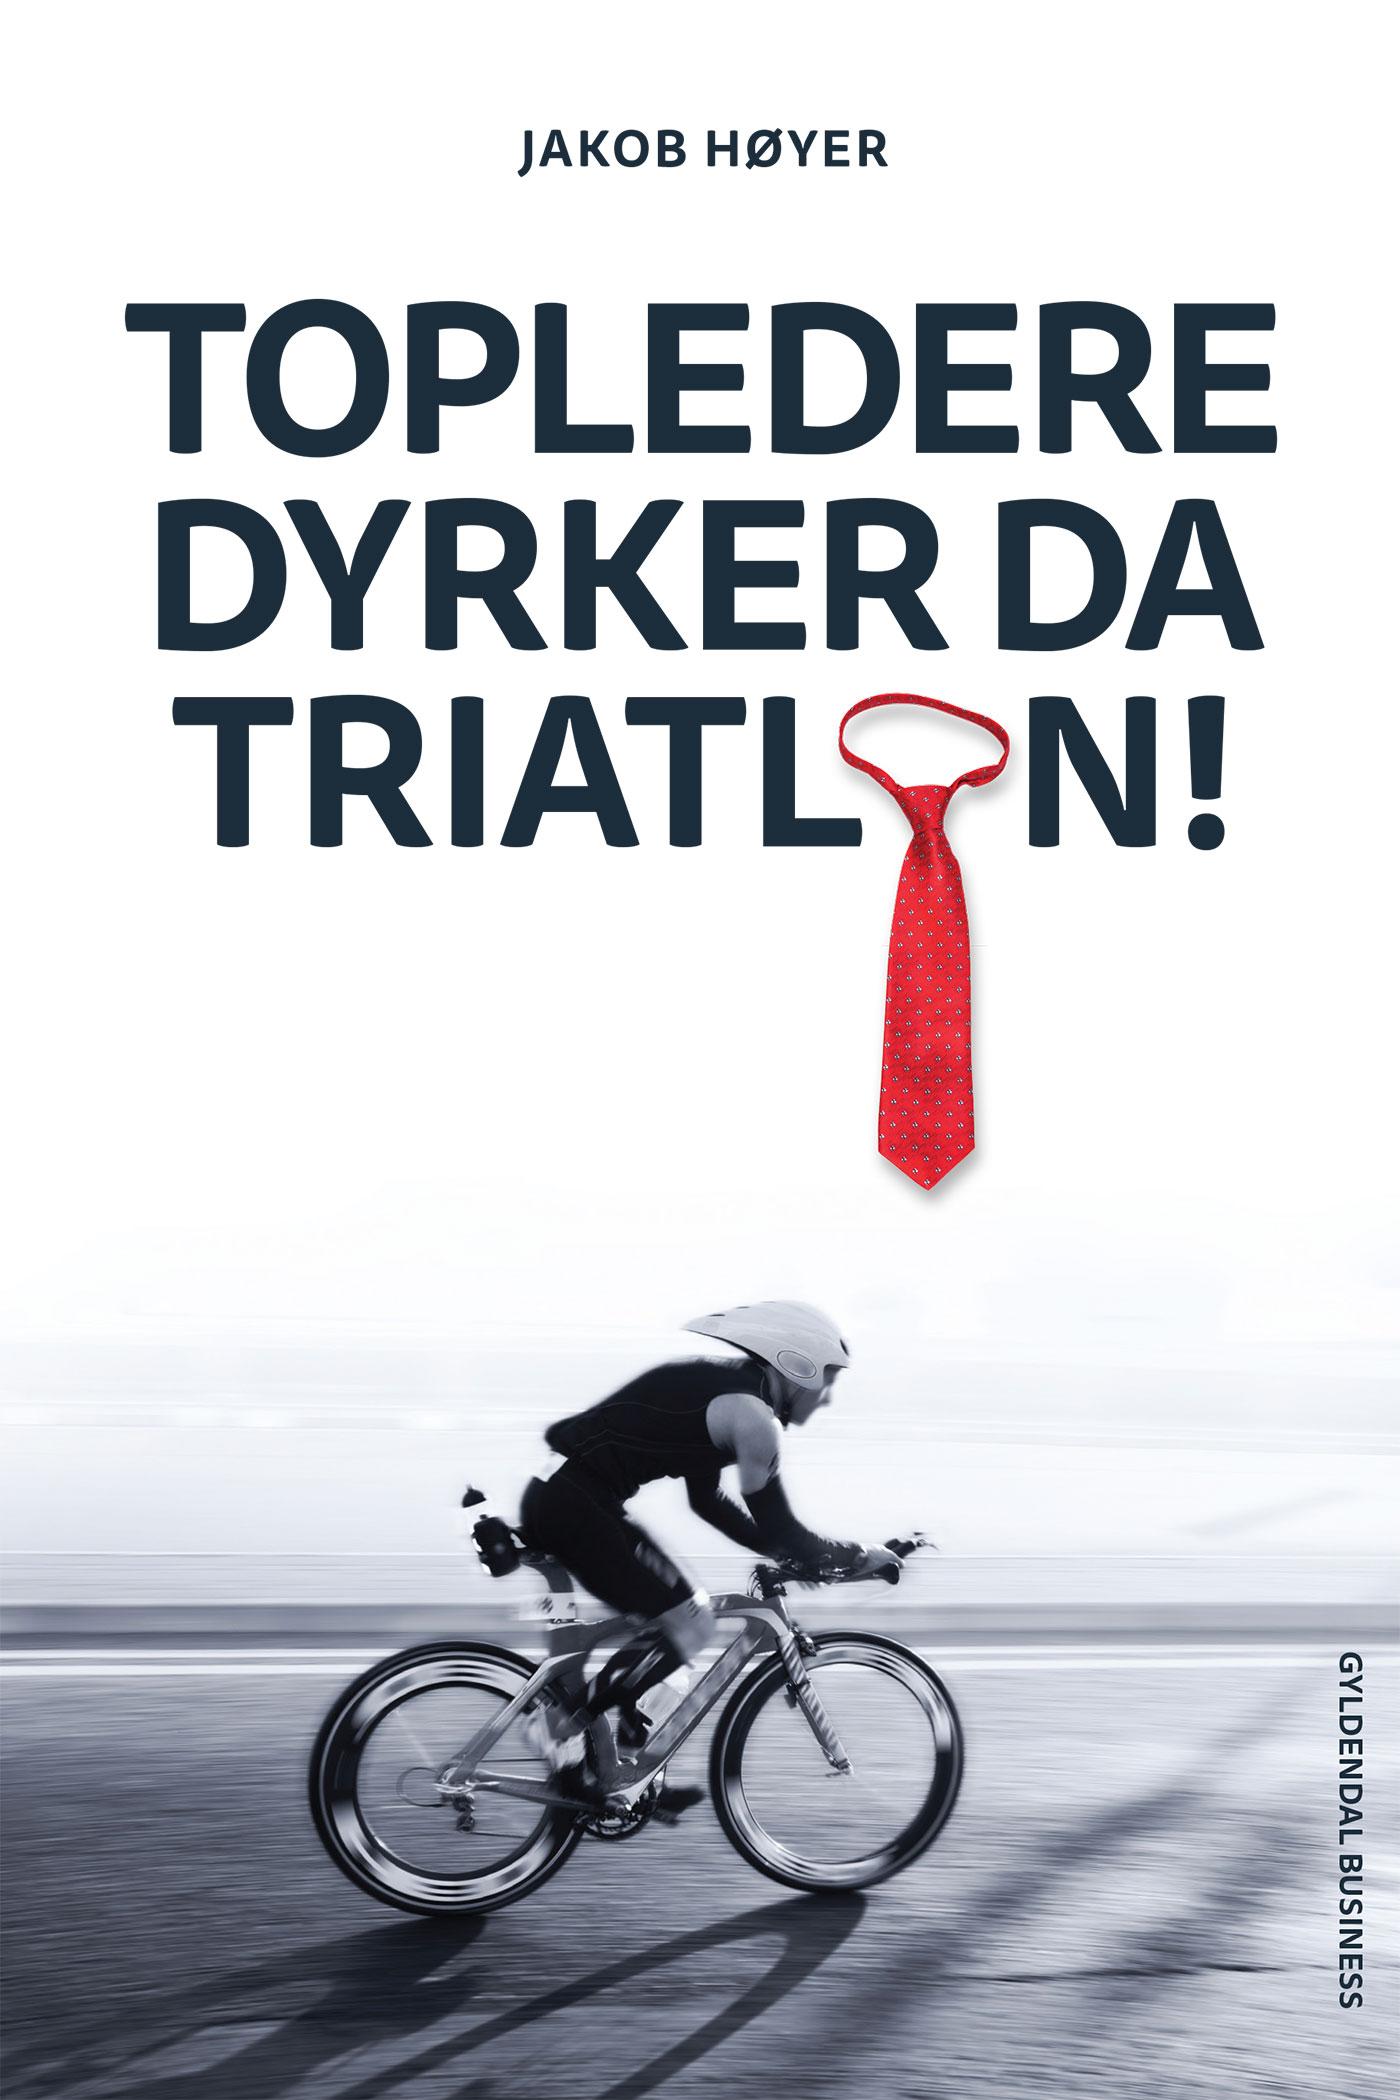 N/A – Topledere dyrker da triatlon - e-bog på bog & mystik